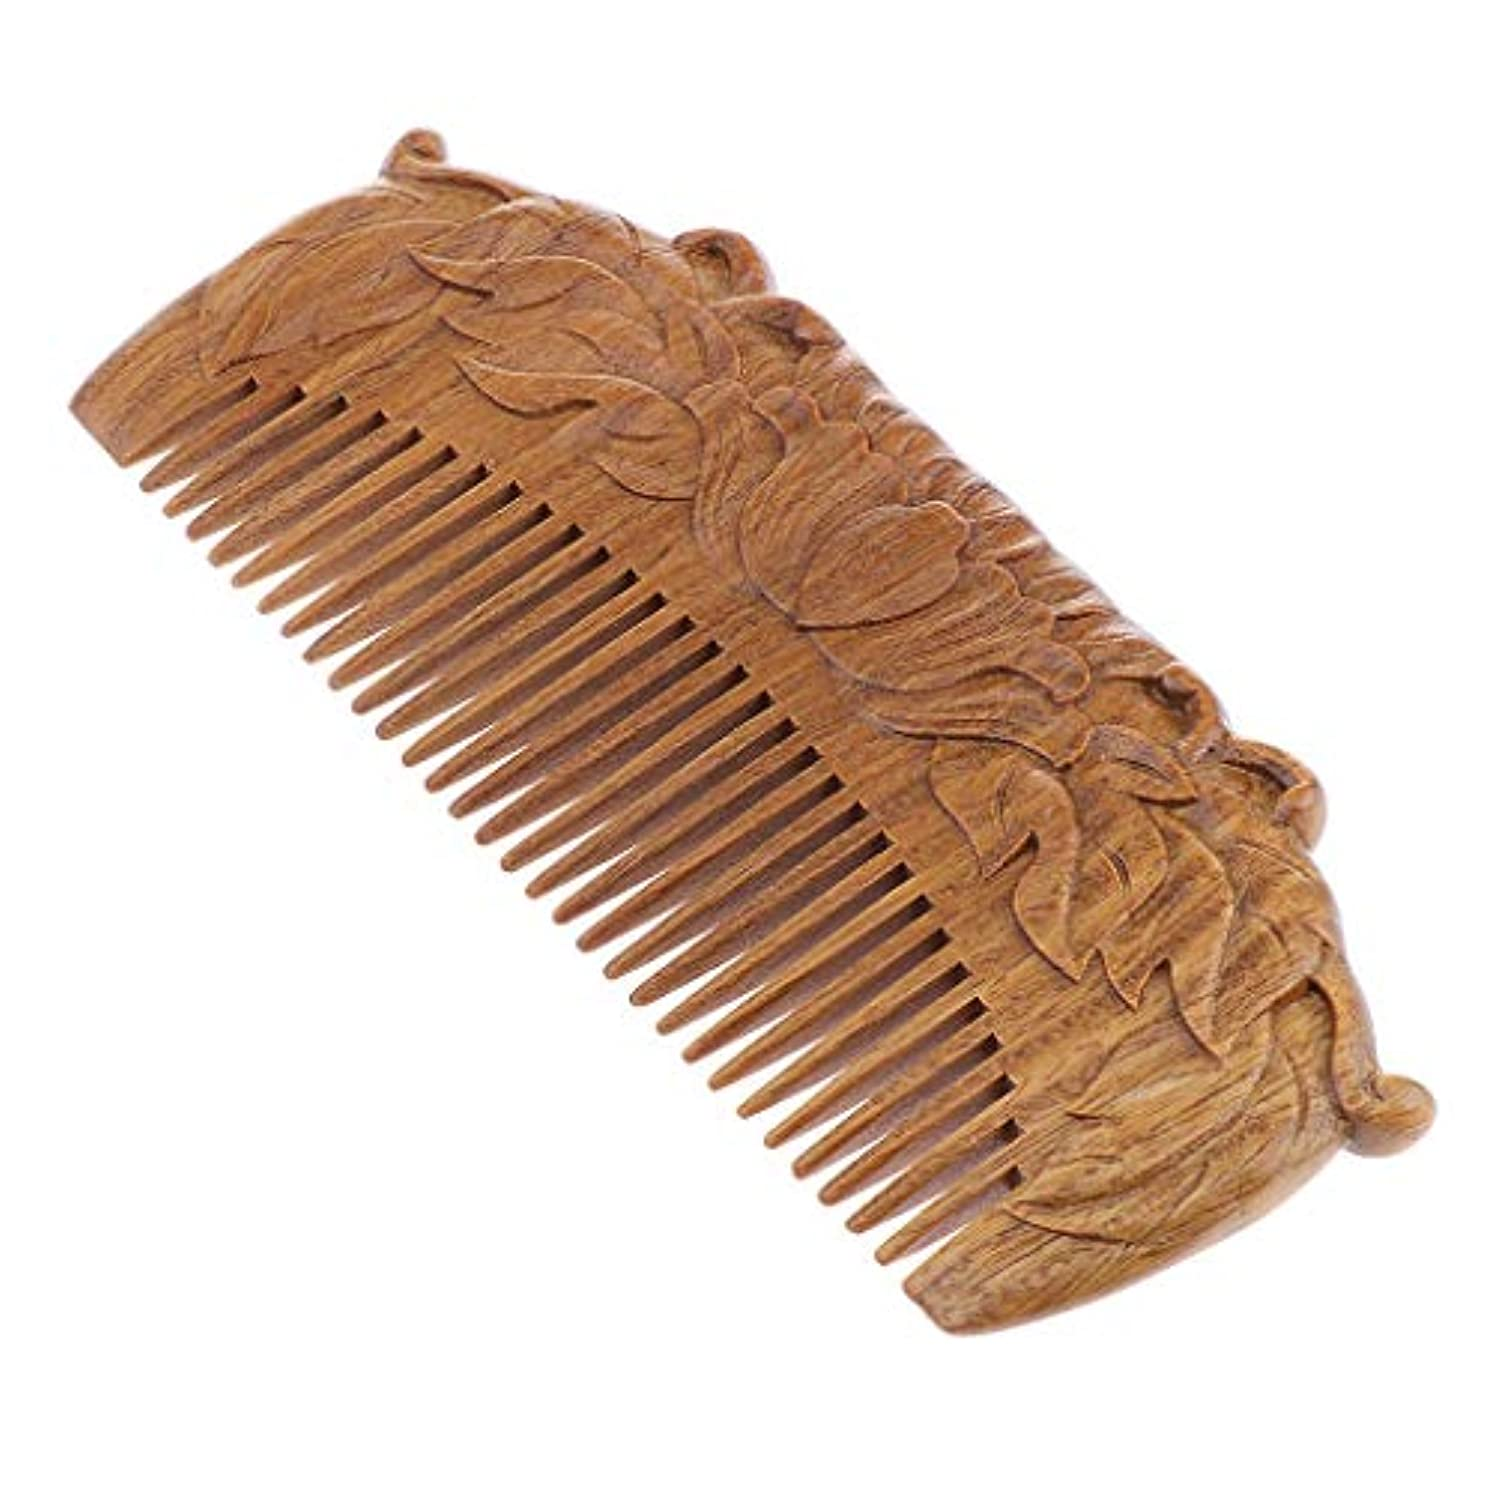 完了寄生虫単なるDYNWAVE 手作りの天然サンダルウッドの木の櫛の髪の頭皮マッサージブラシ帯電防止